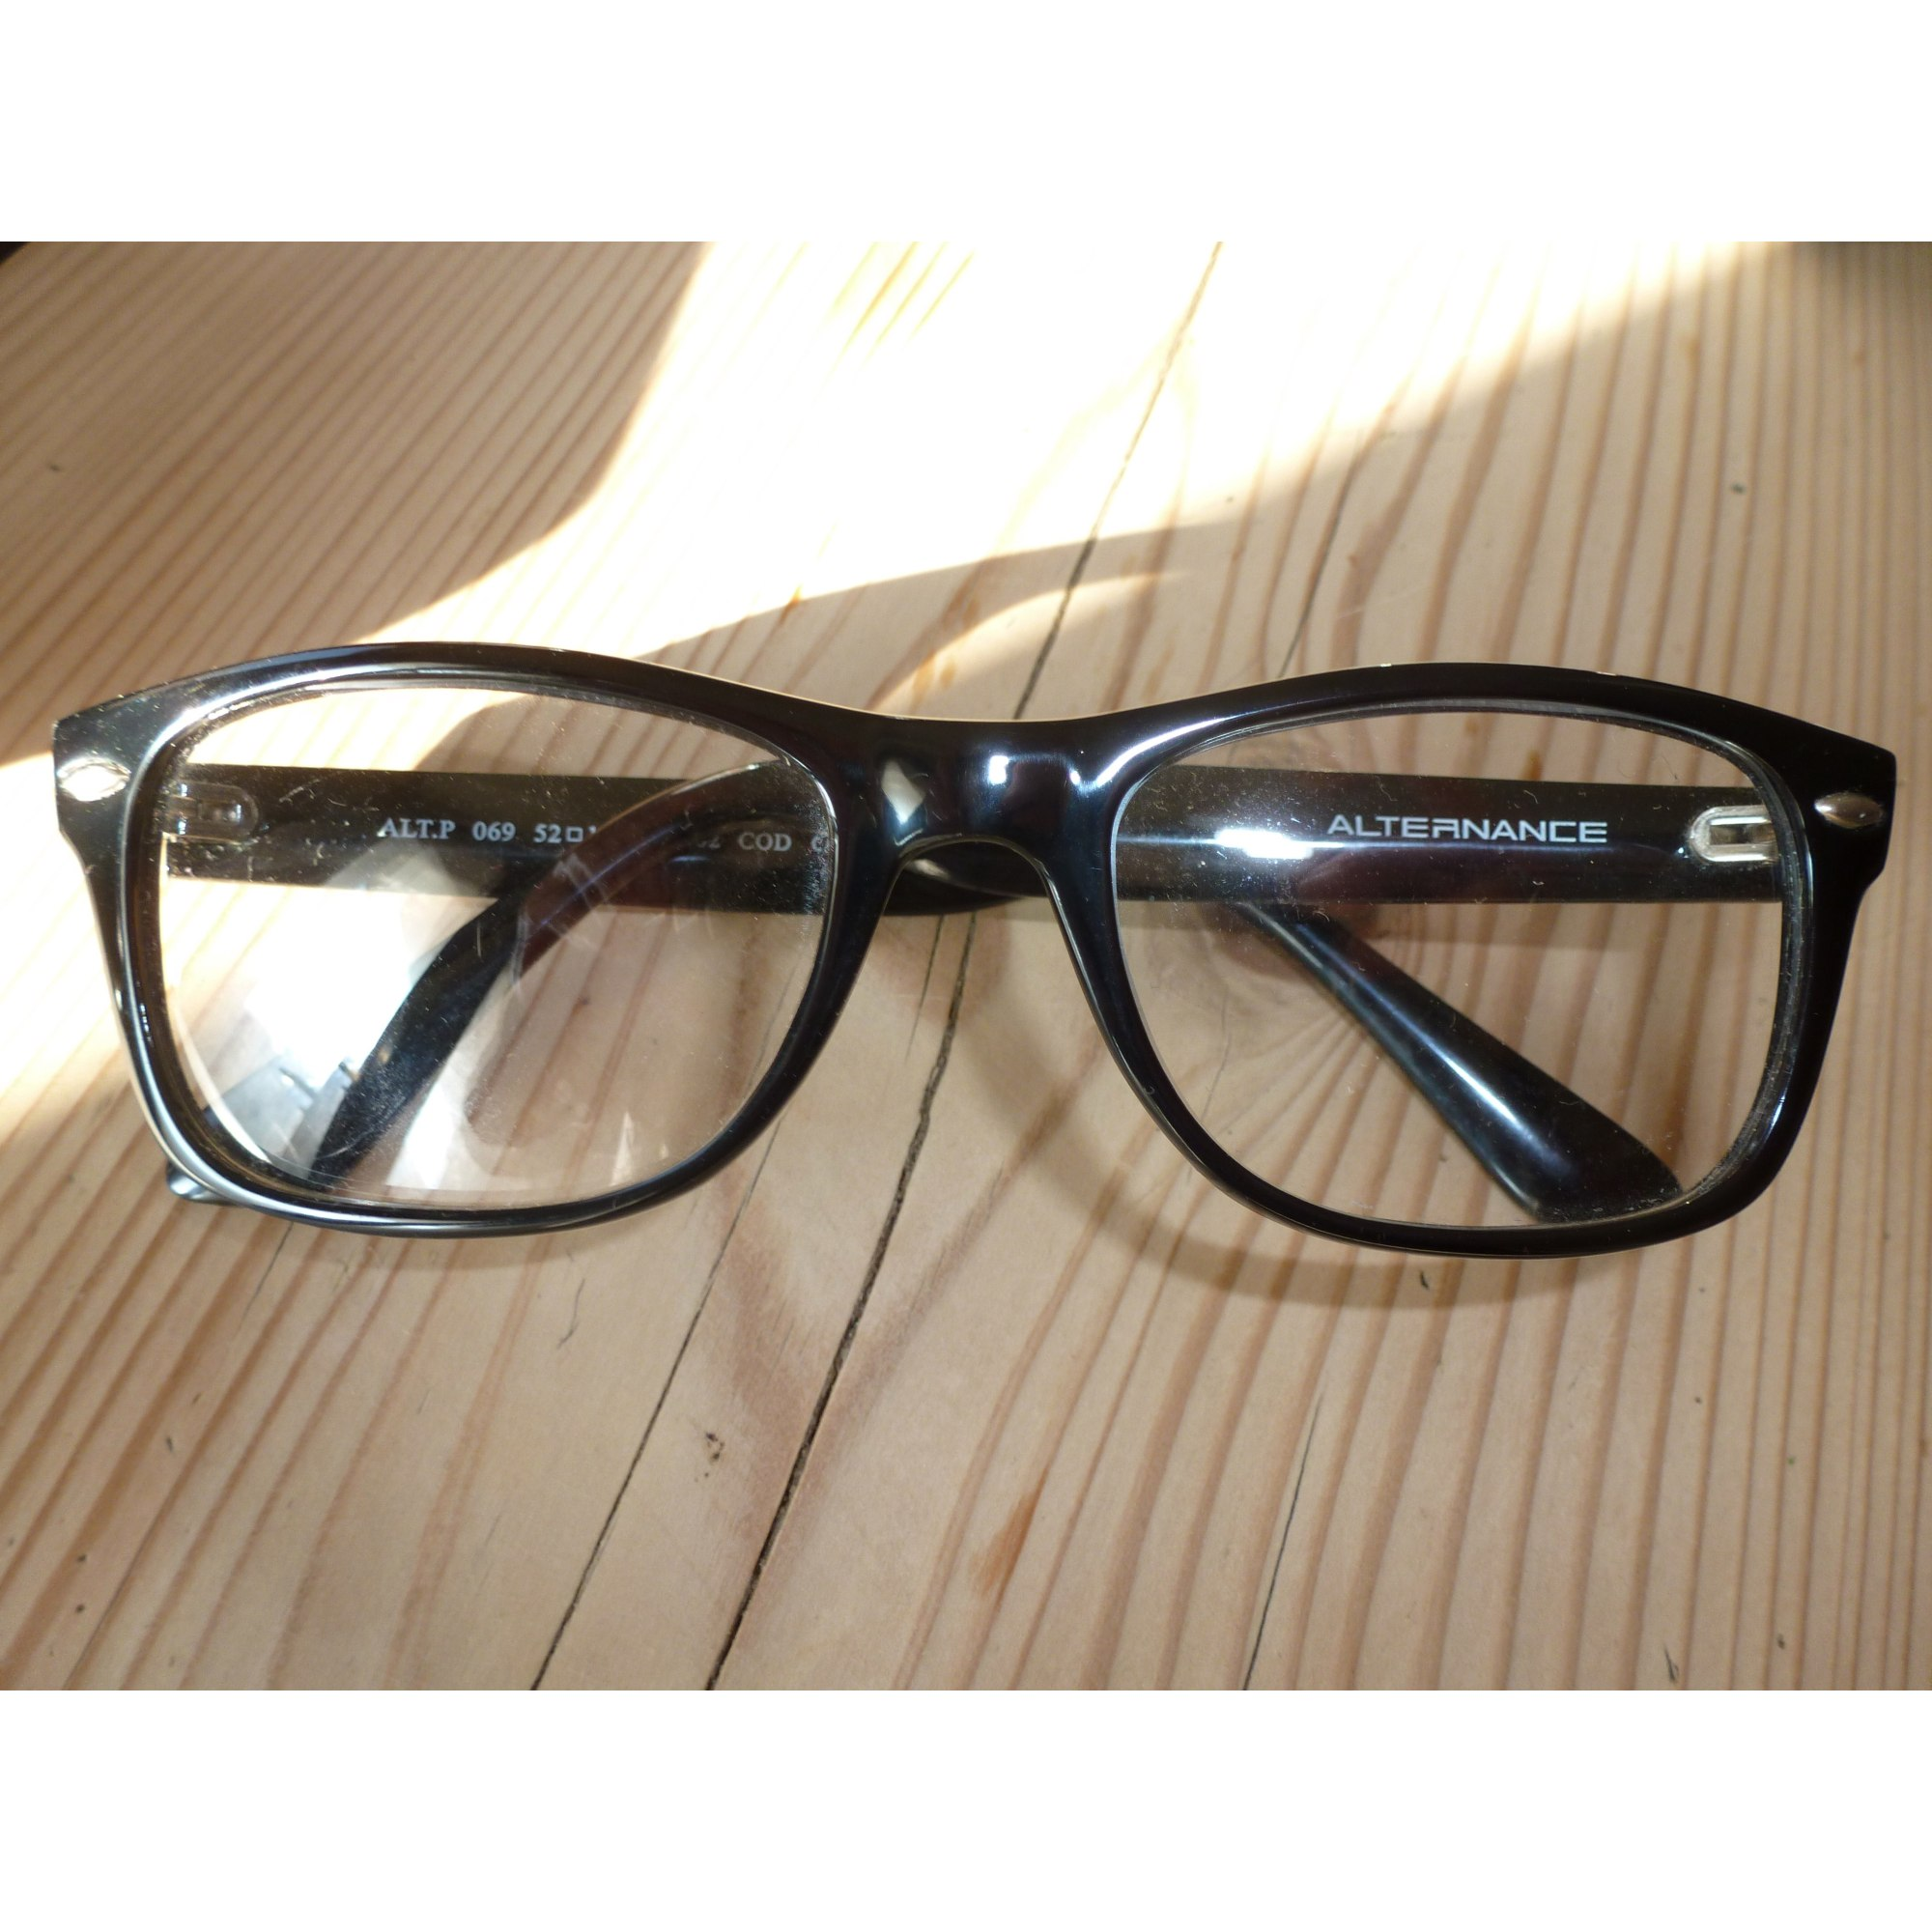 Monture de lunettes ALTERNANCE noir vendu par Landeve79349 - 4127565 e55b75d4a01f